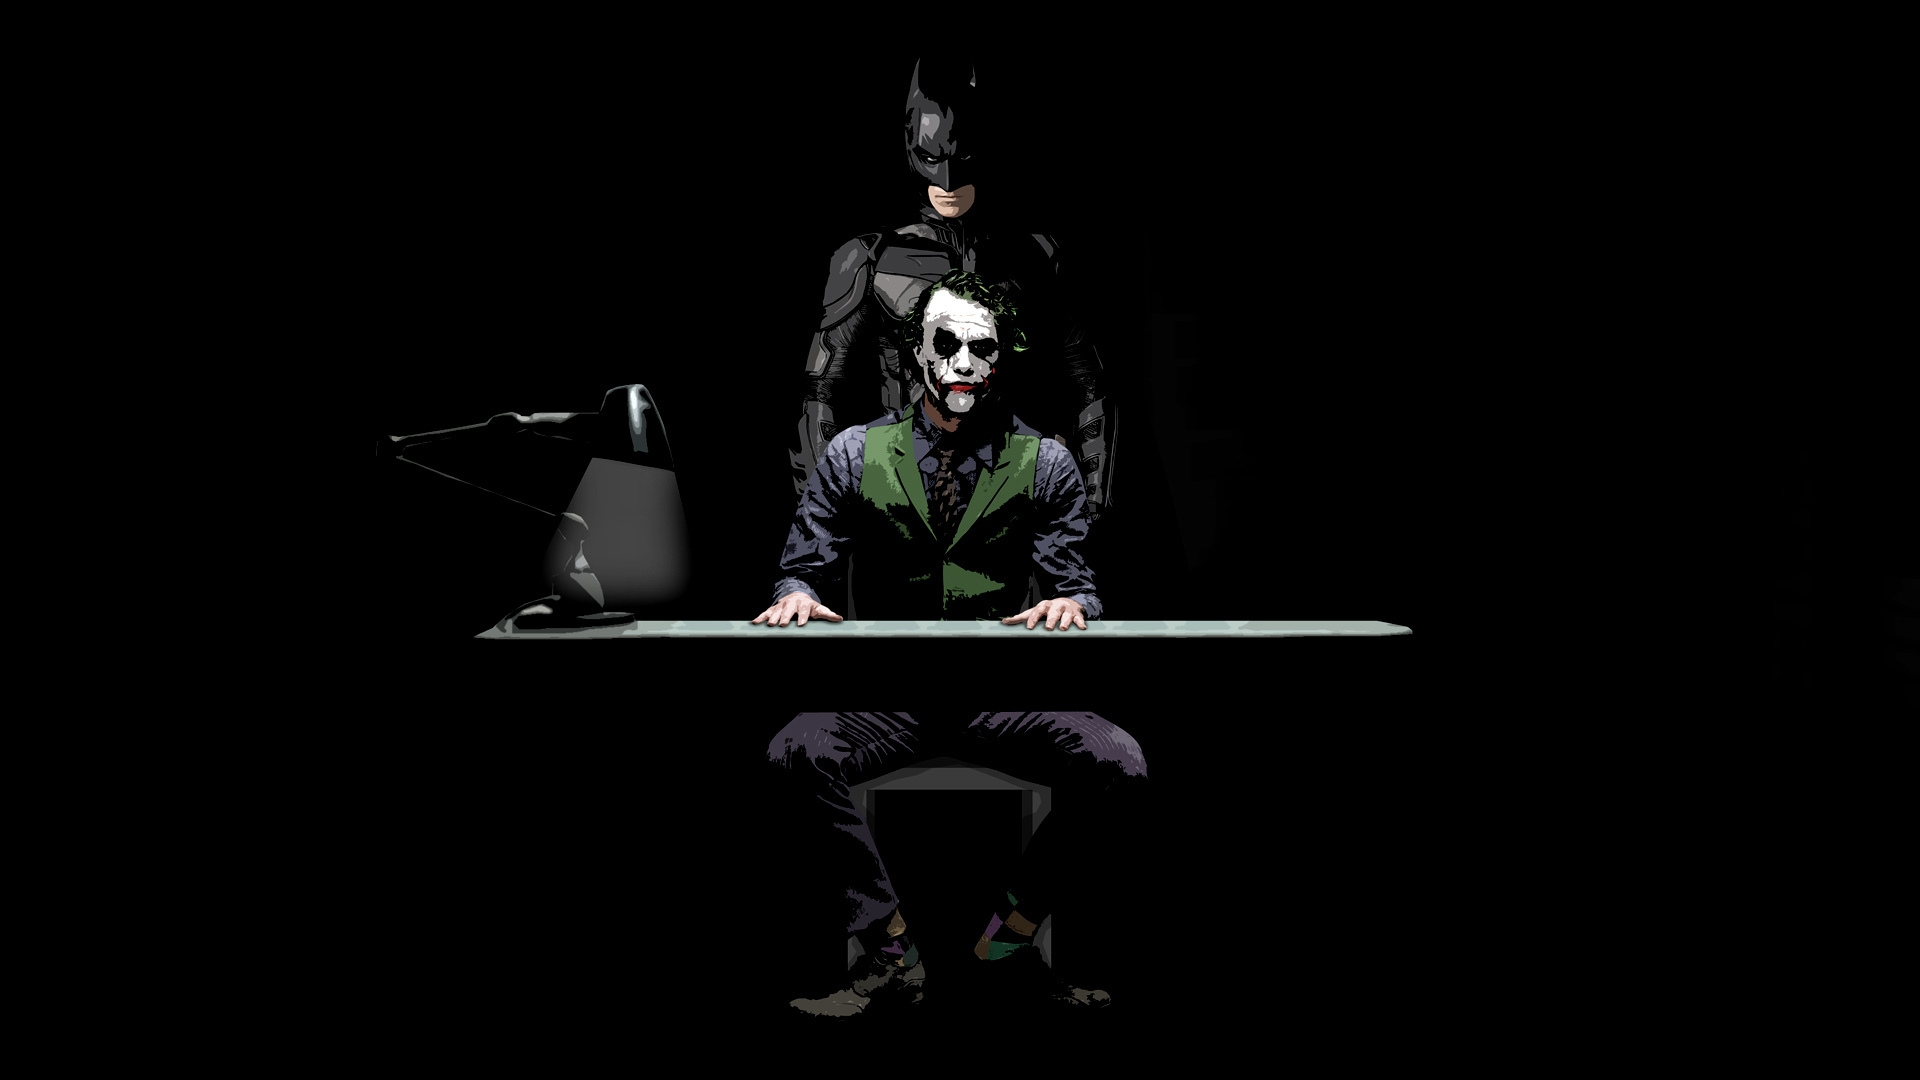 Batman joker images hd